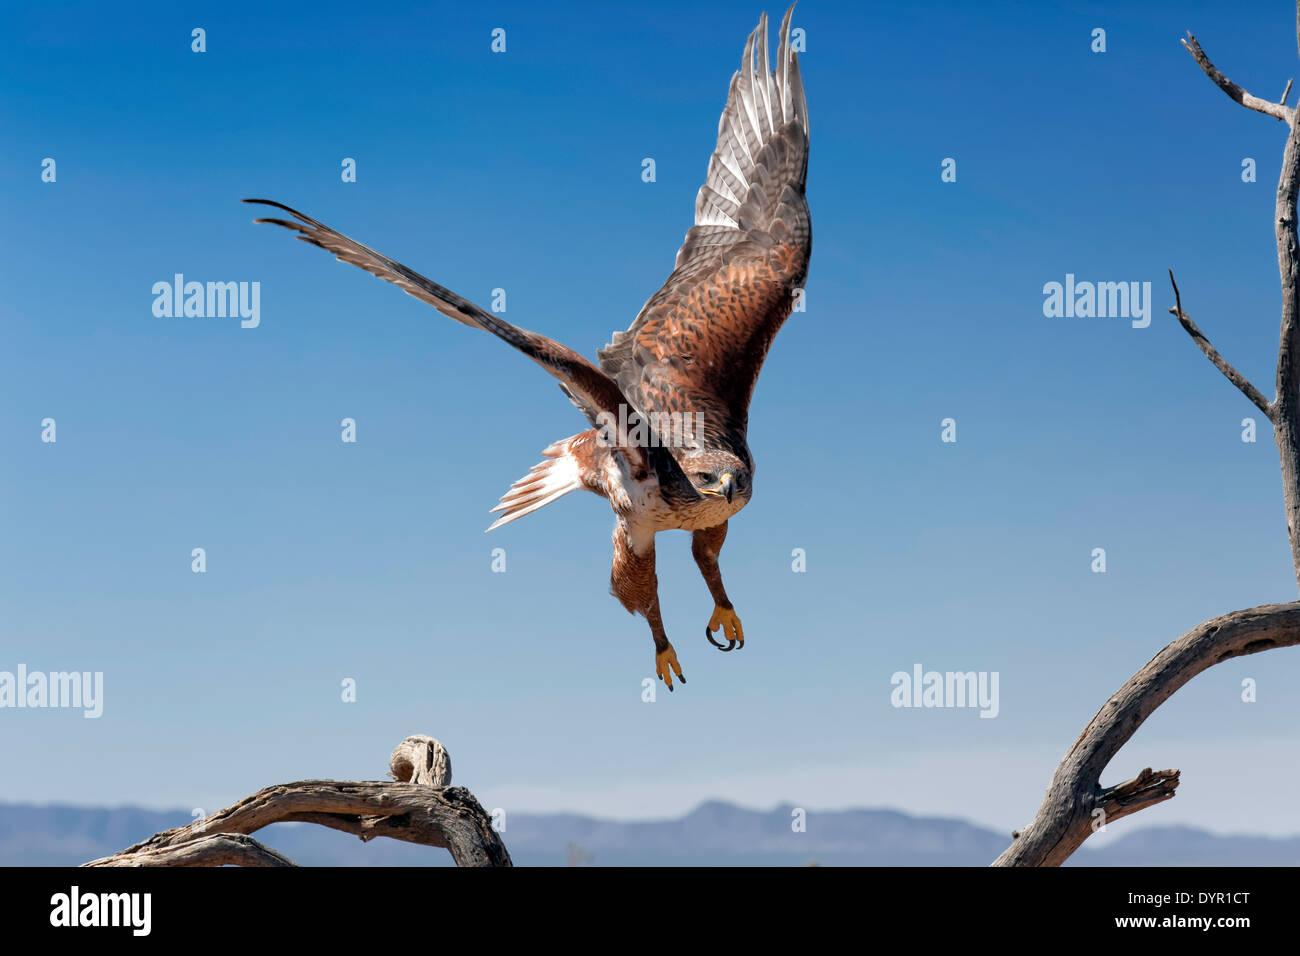 Ferruginous Hawk (Buteo regalis), Arizona - Stock Image